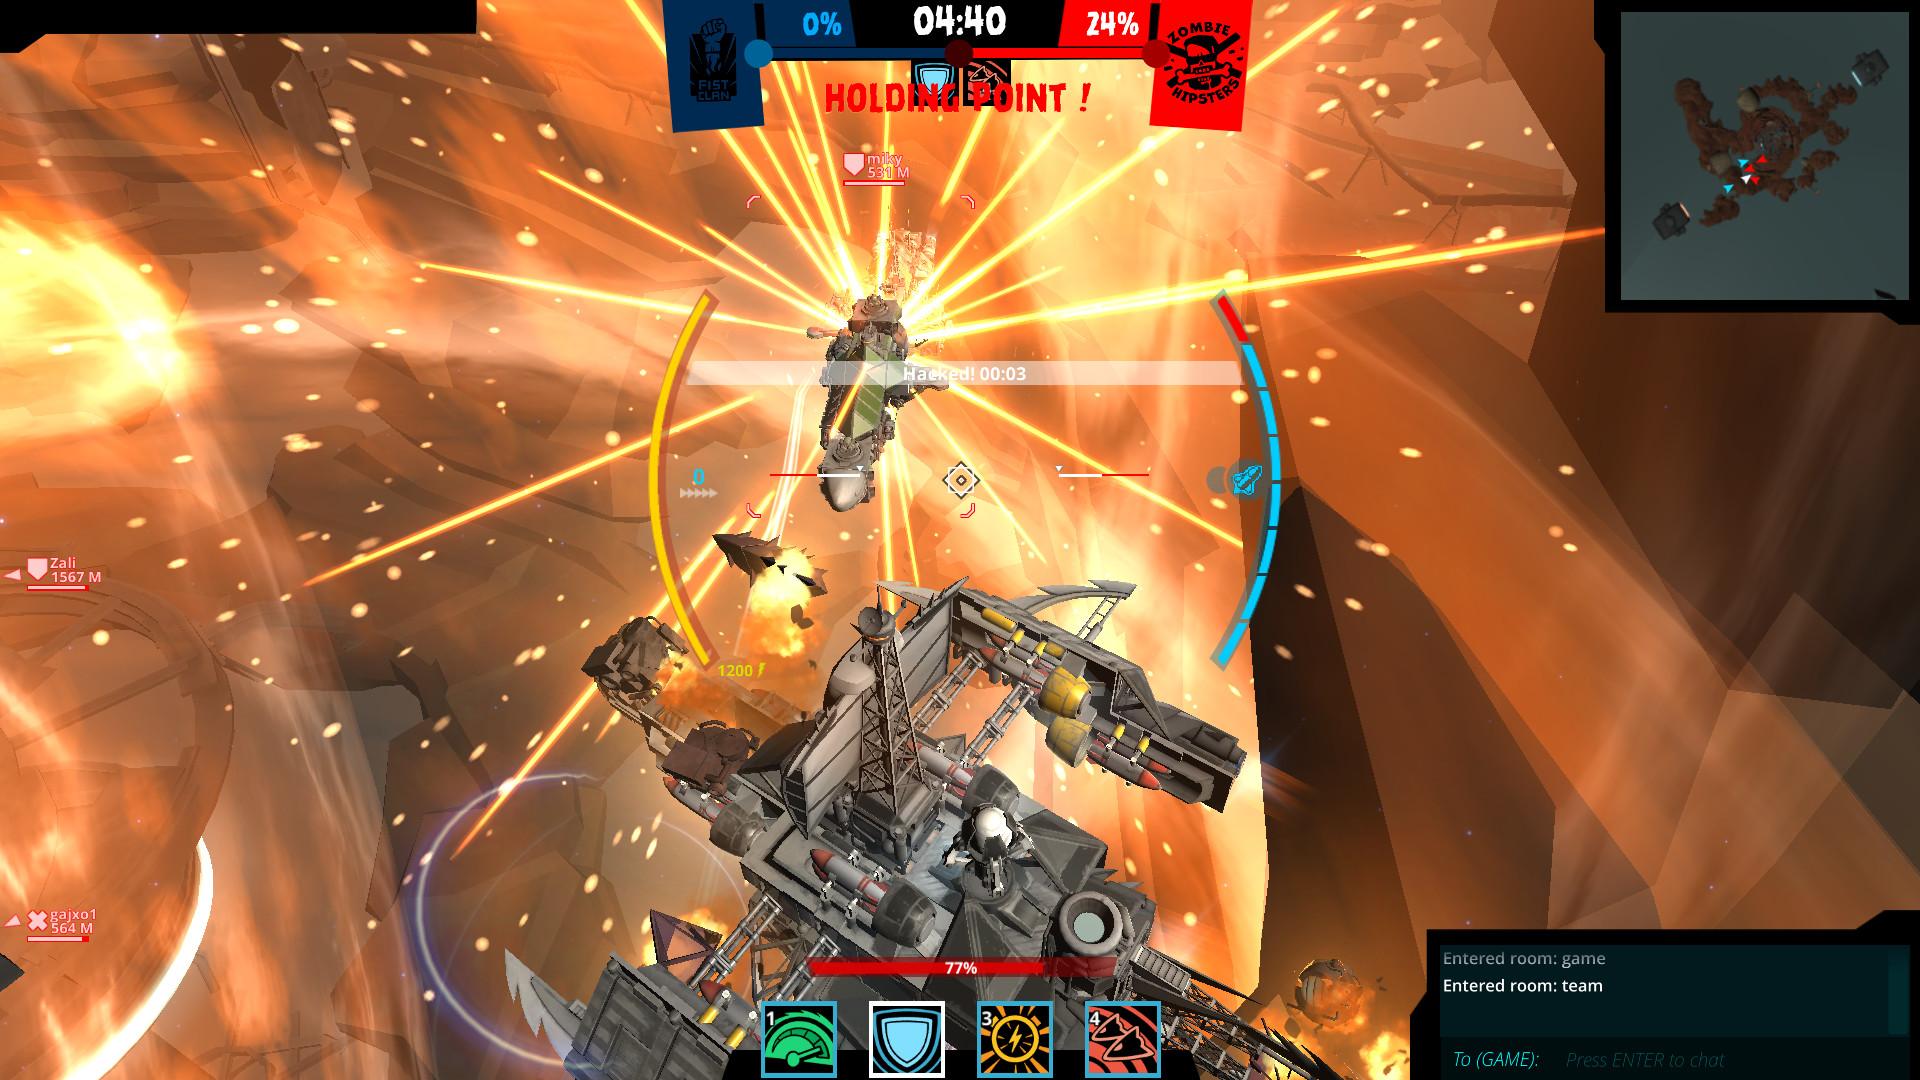 银河垃圾联盟 游戏画面